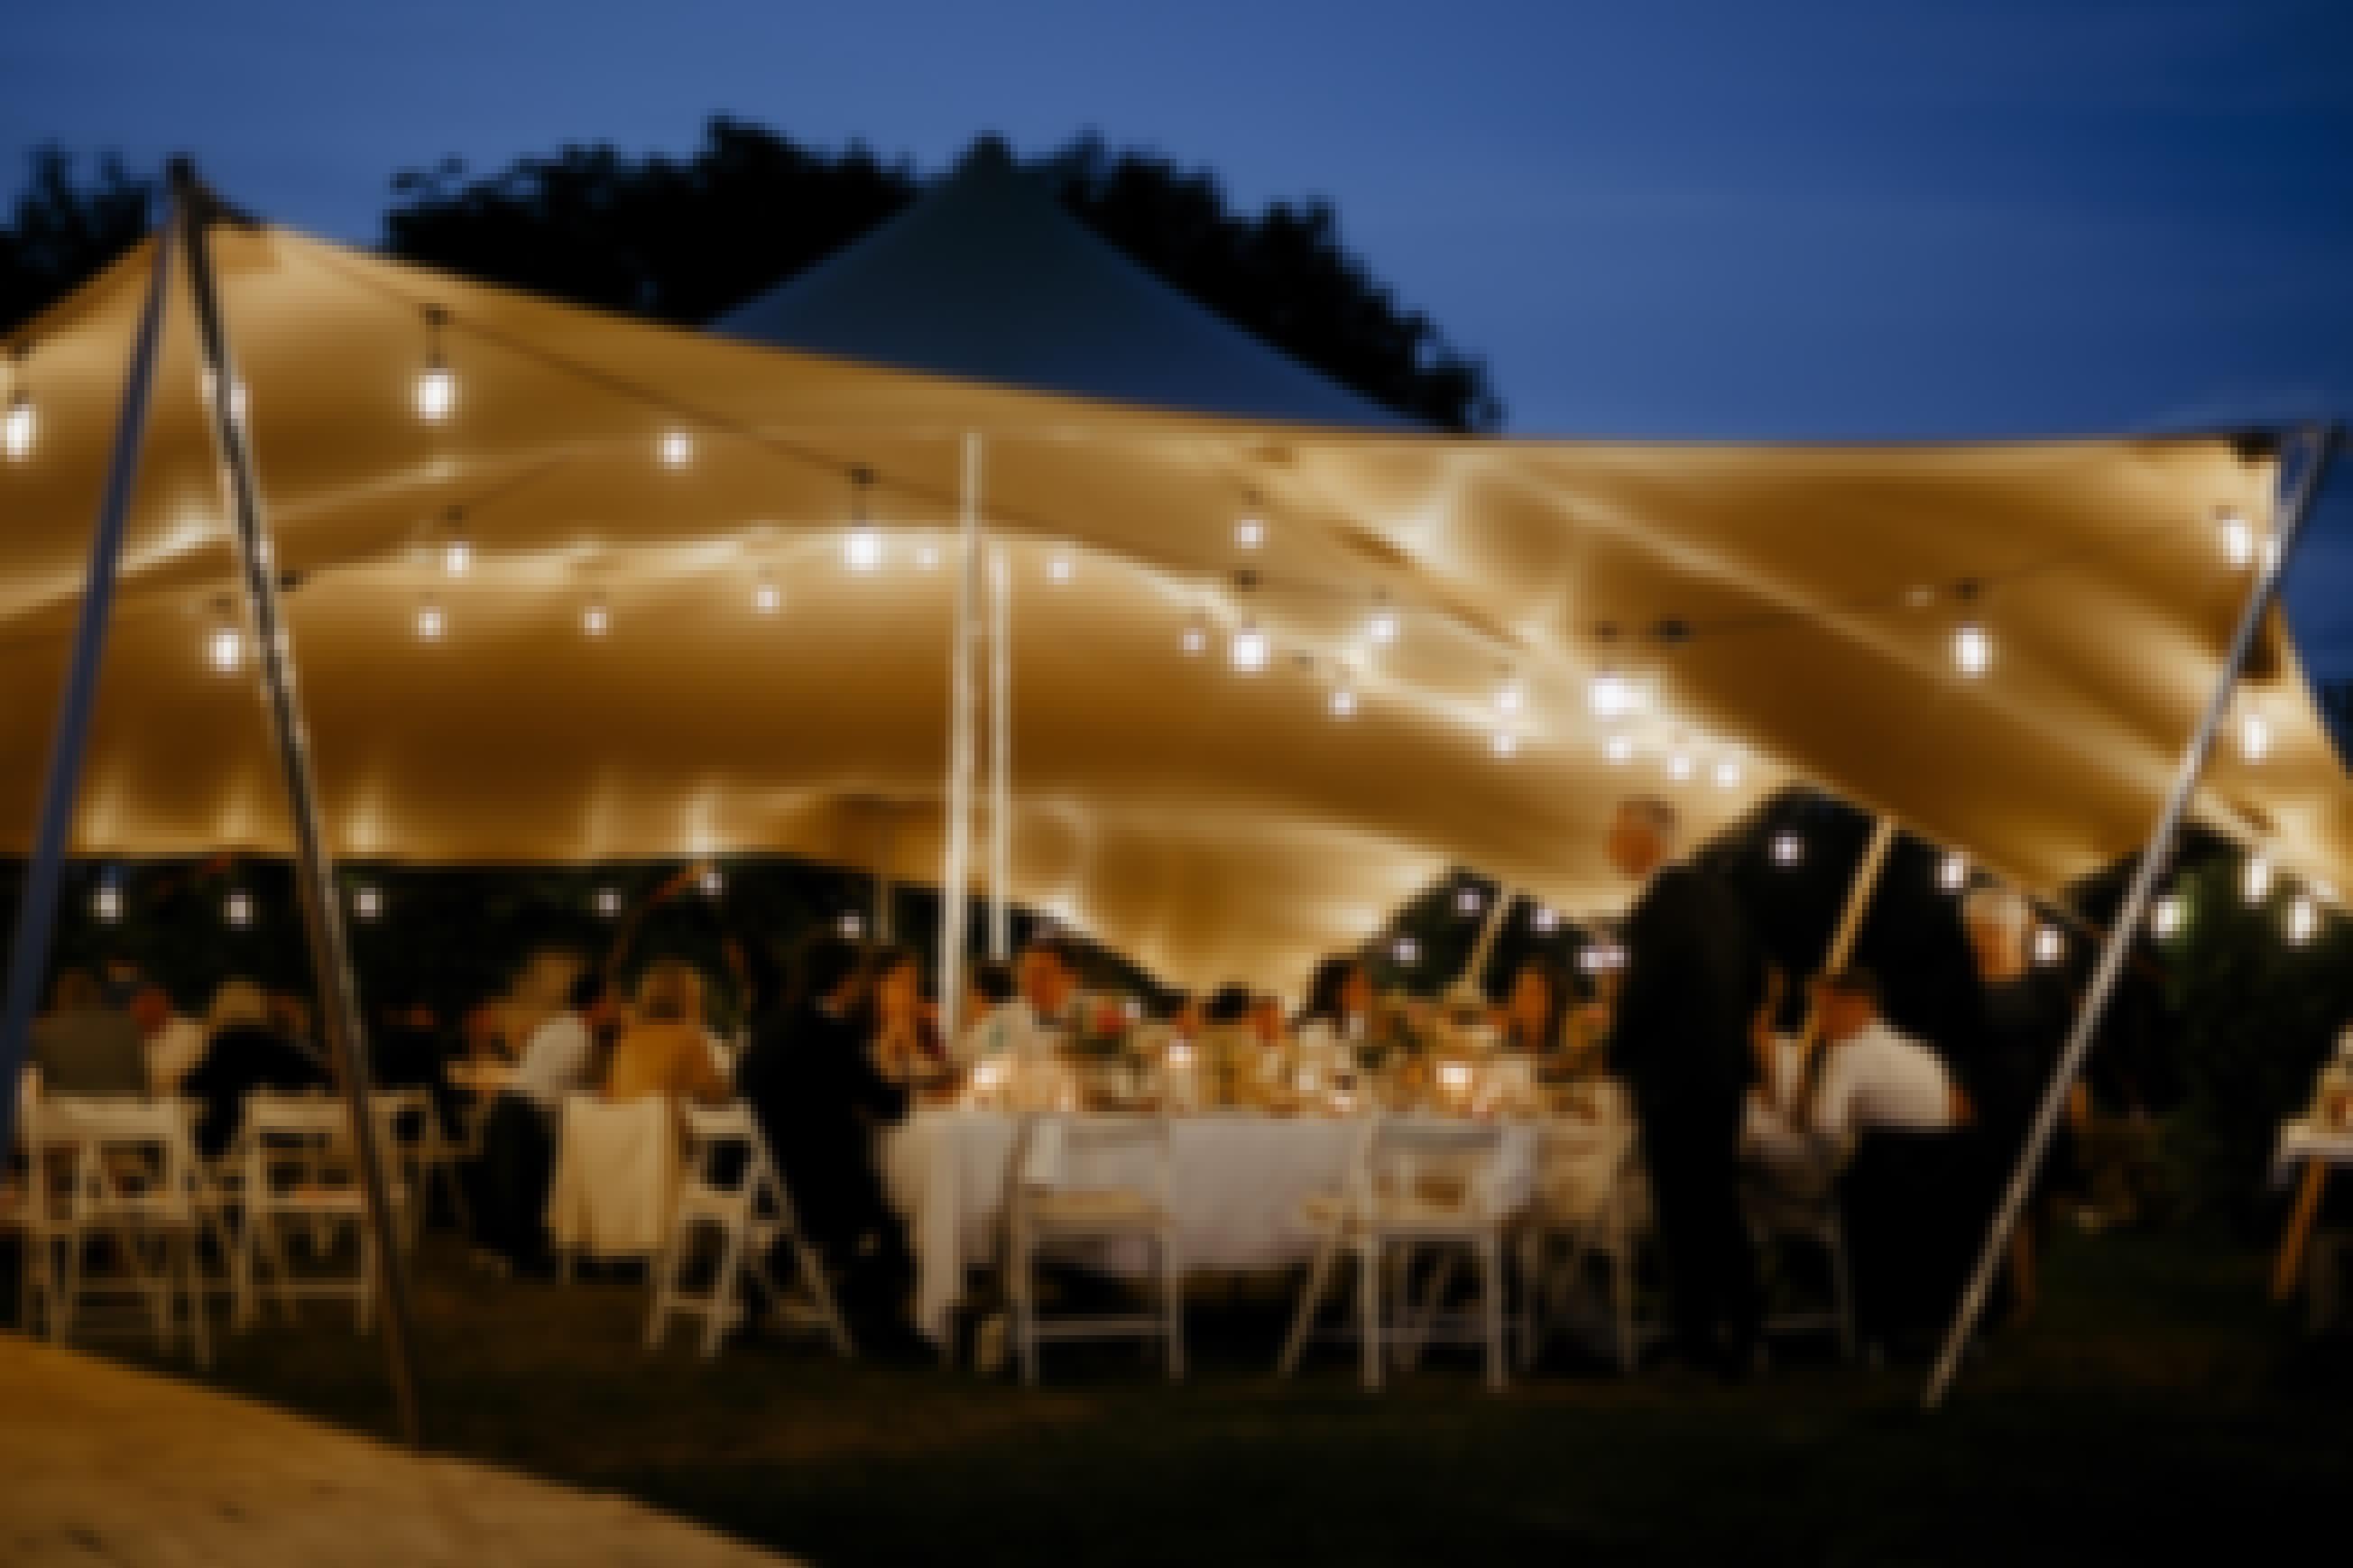 Photo prise dans les jardins du Domaine de mariage de Bois Rigaud dans le Puy-de-Dôme à la nuit tombée